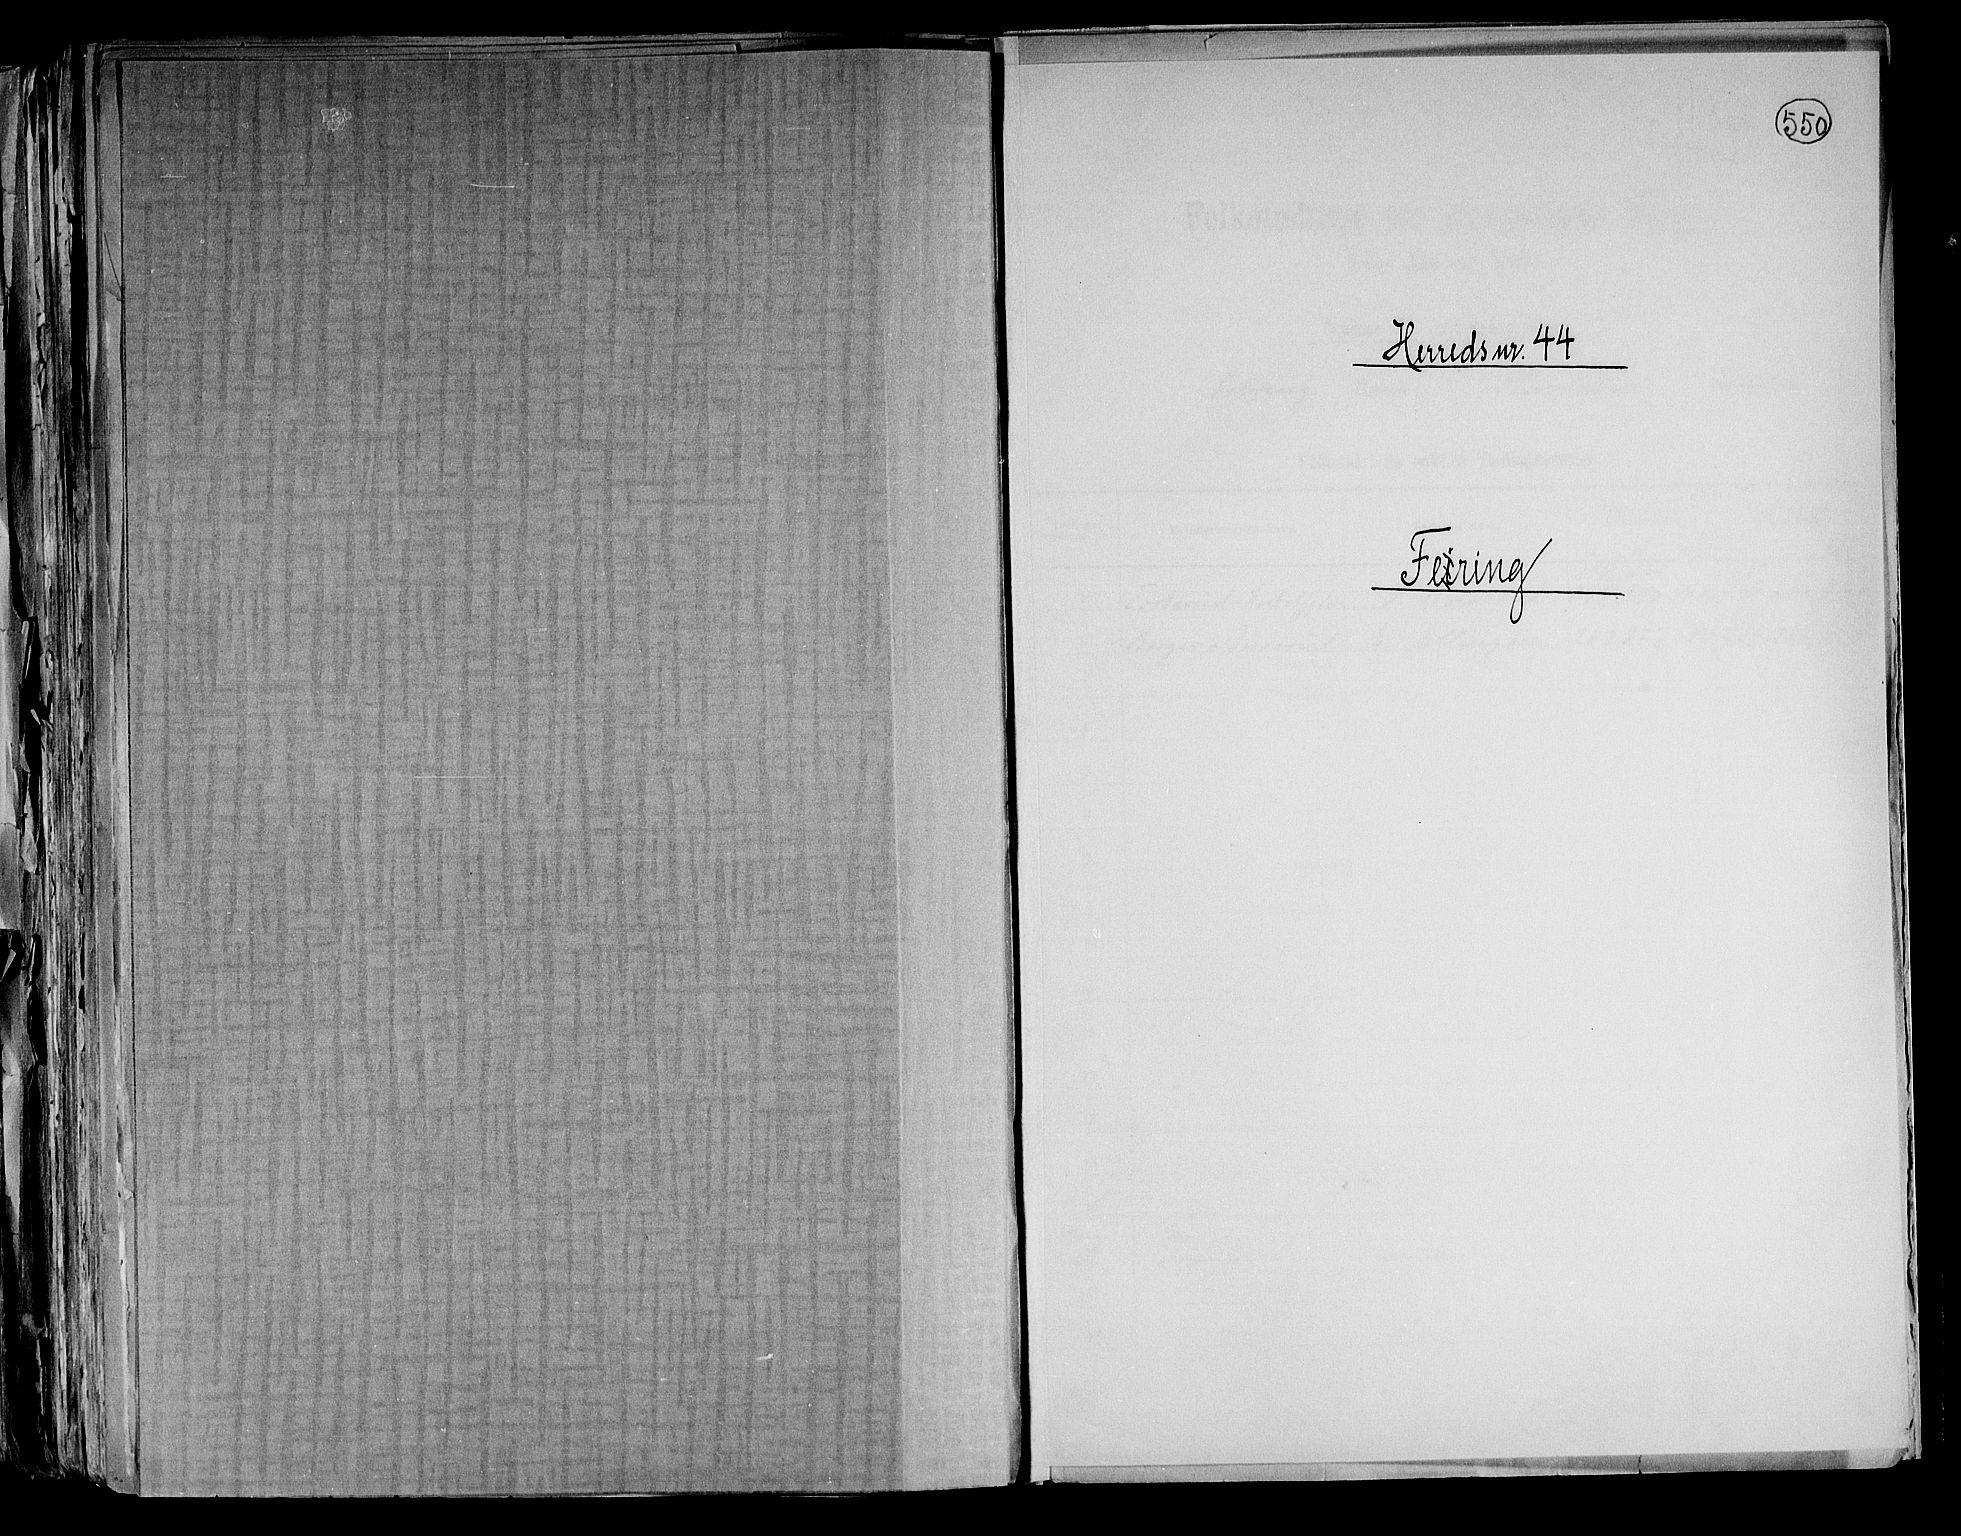 RA, Folketelling 1891 for 0240 Feiring herred, 1891, s. 1